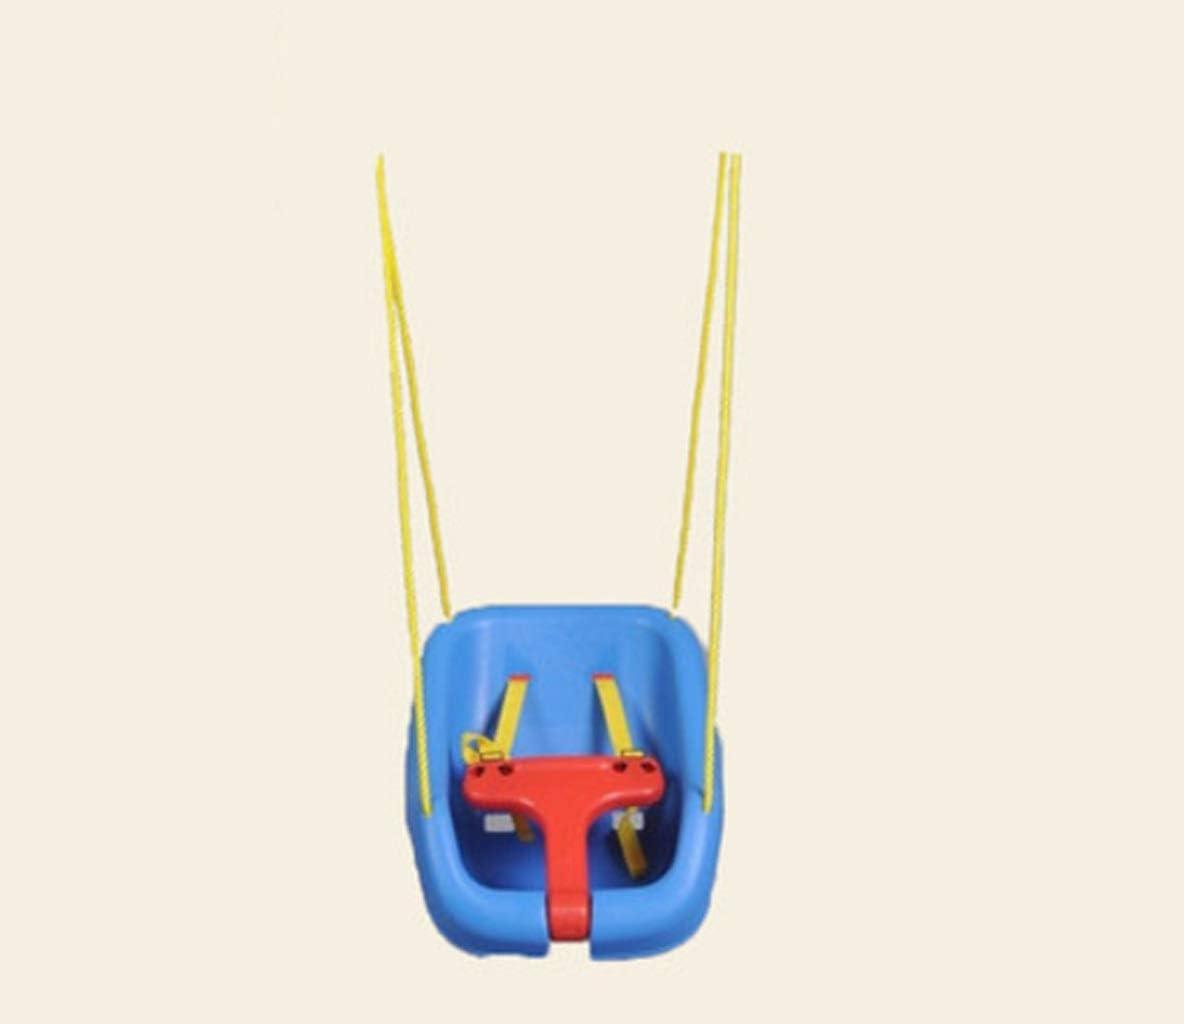 Silla de columpio al aire libre asiento de interior entrenamiento deportivo sentido juguete bebé columpio interior plegable conveniente conveniente almacenamiento interior y exterior ( Color : A )